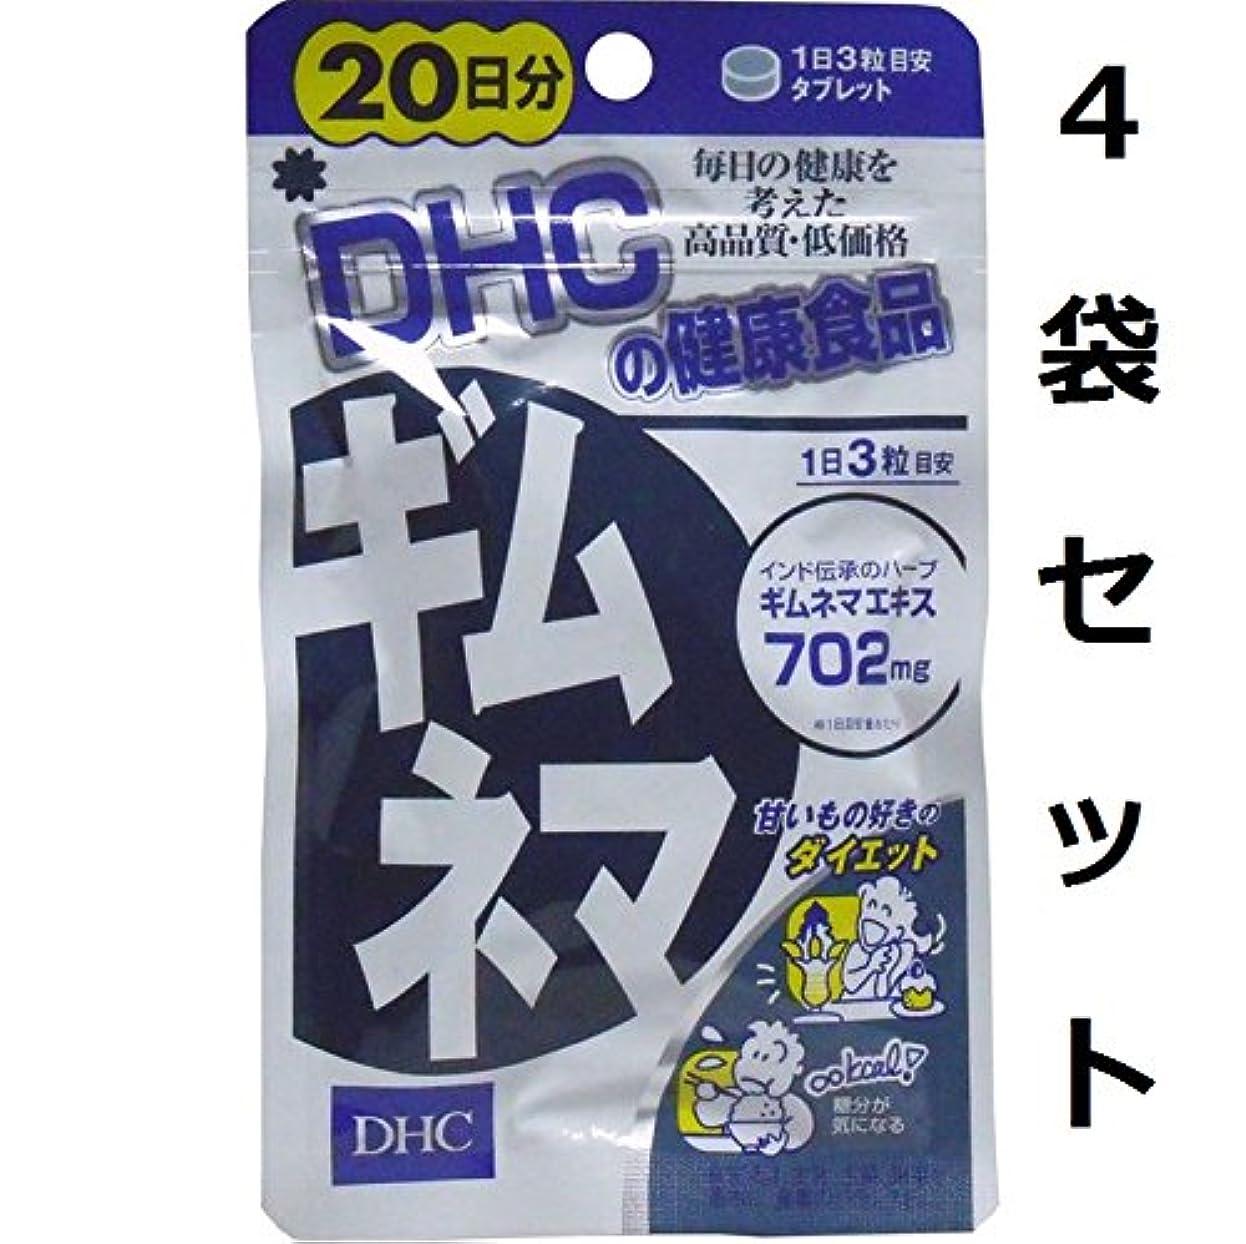 甘美なけん引熱望する余分な糖分をブロック DHC ギムネマ 20日分 60粒 4袋セット